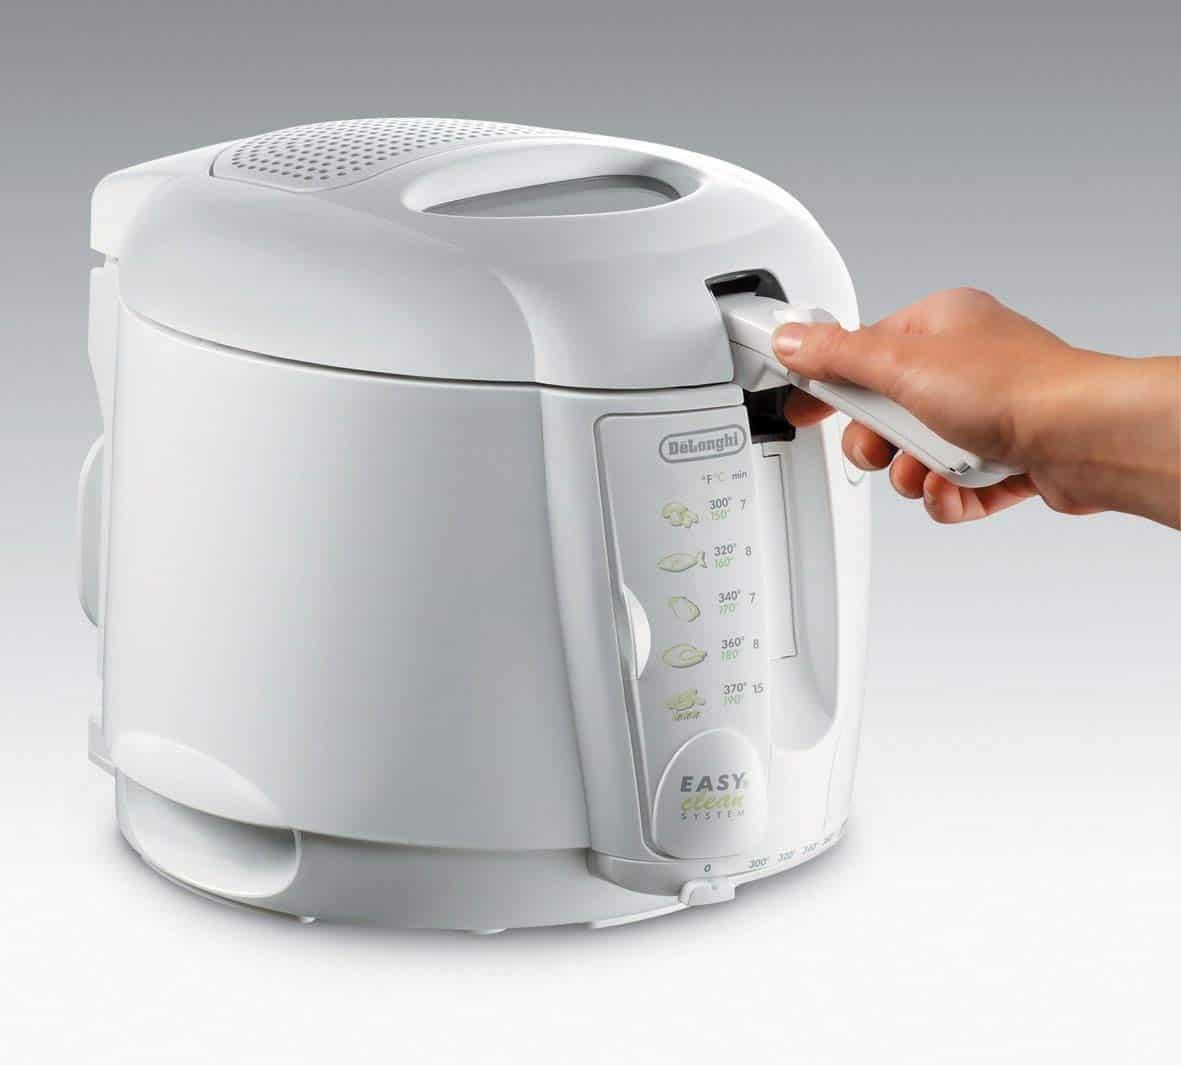 DeLonghi D677UX 2-1/5-Pound-Capacity Deep Fryer Review